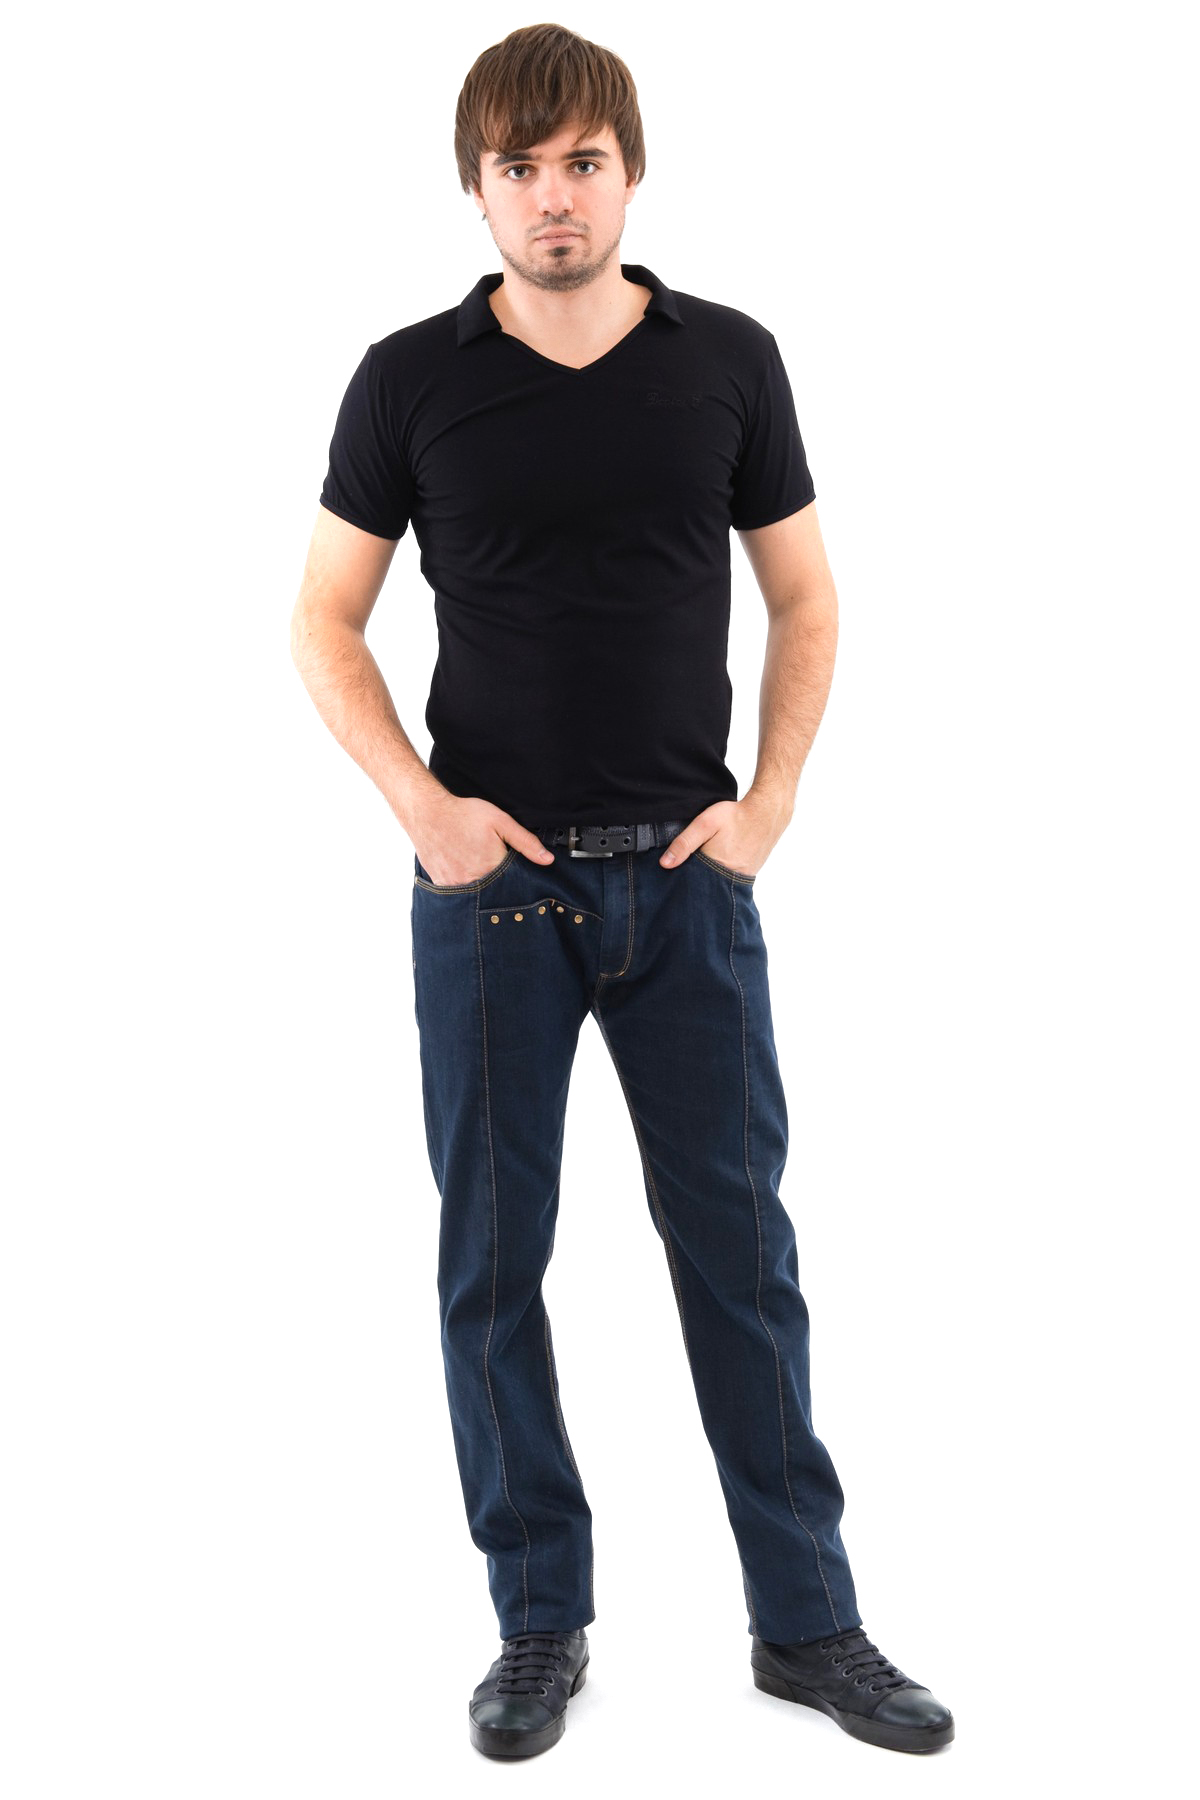 ФутболкаМужские футболки, джемпера<br>Футболка – это удобный выбор на каждый день, поэтому она должна быть яркой и стильной, чтобы привнести в повседневный образ красок. Из высококачественного трикотажа, не вытягивается после стирок, не линяет и не покрывается катышками.<br><br>Цвет: черный<br>Состав: 92% хлопок 8% лайкра<br>Размер: 44,46,48,50,52,54,56,58,60<br>Страна дизайна: Россия<br>Страна производства: Россия